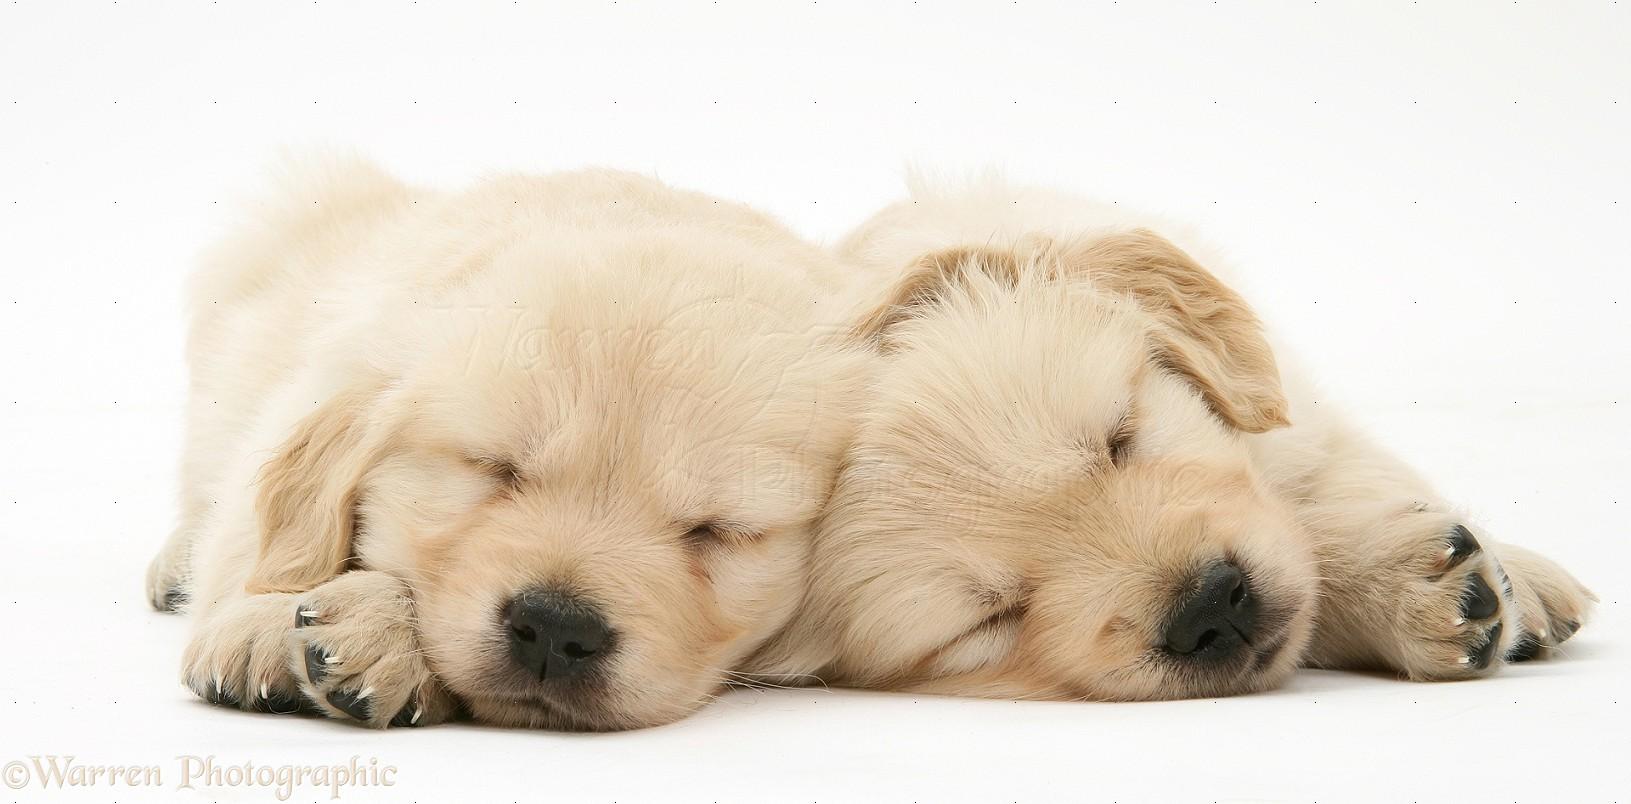 Cute Sleeping Golden Retriever Puppies - wallpaper.